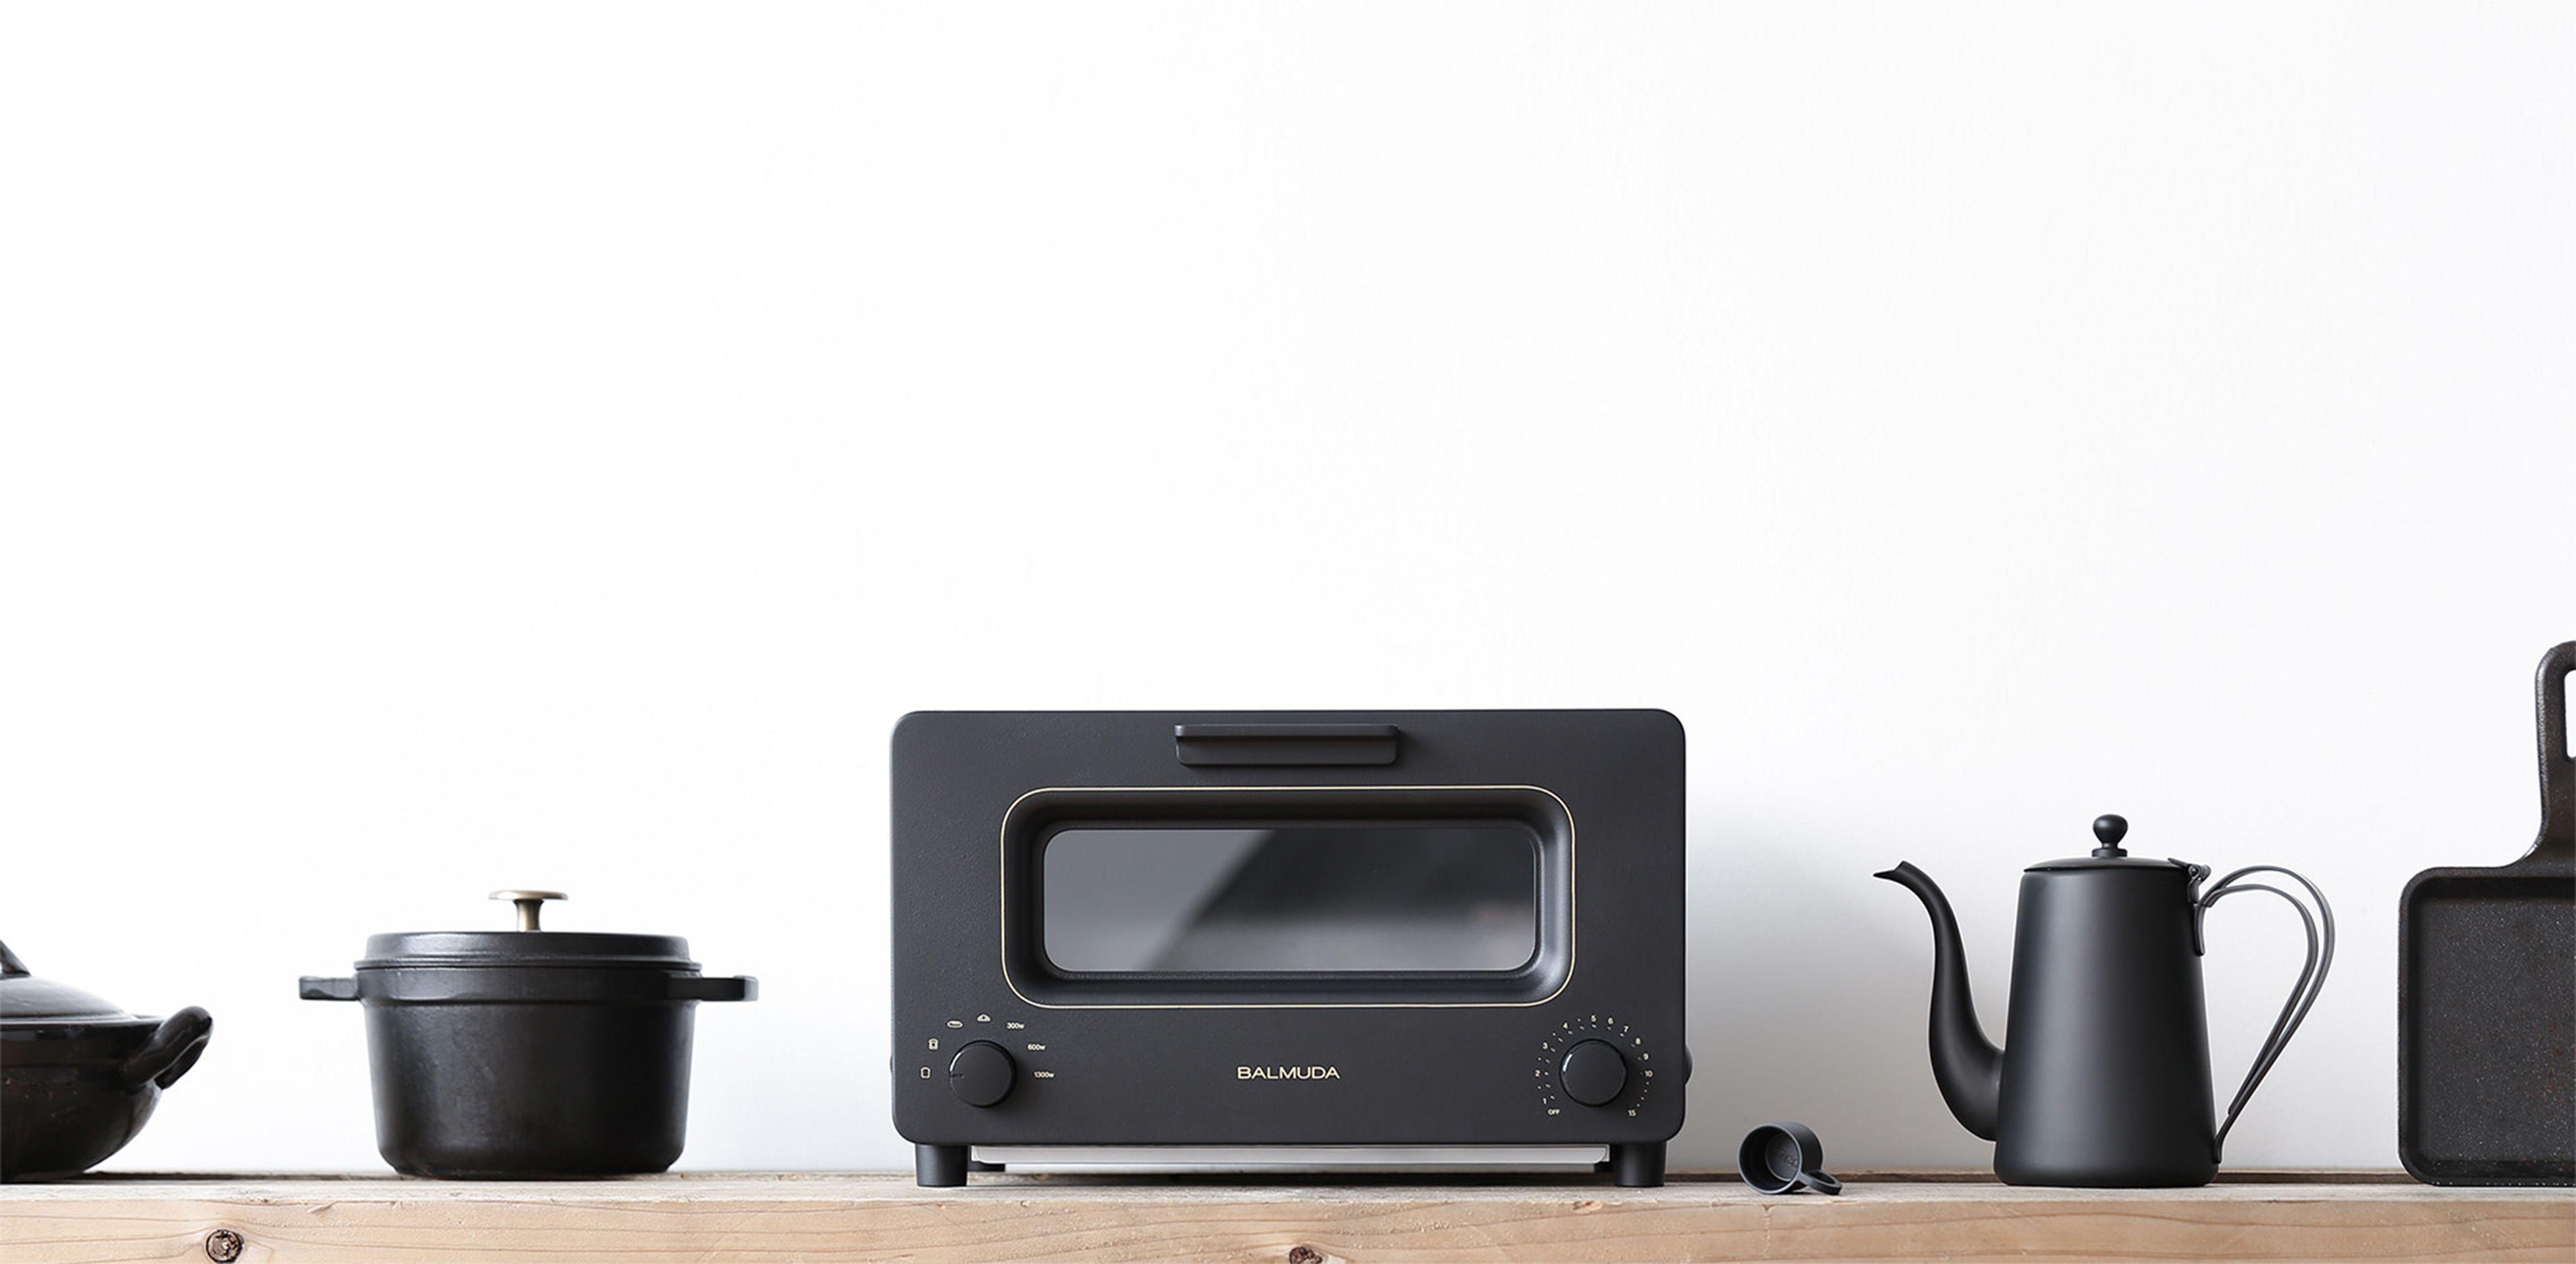 Minimal Design Blog | Minimalist design, Toasters and Minimalist